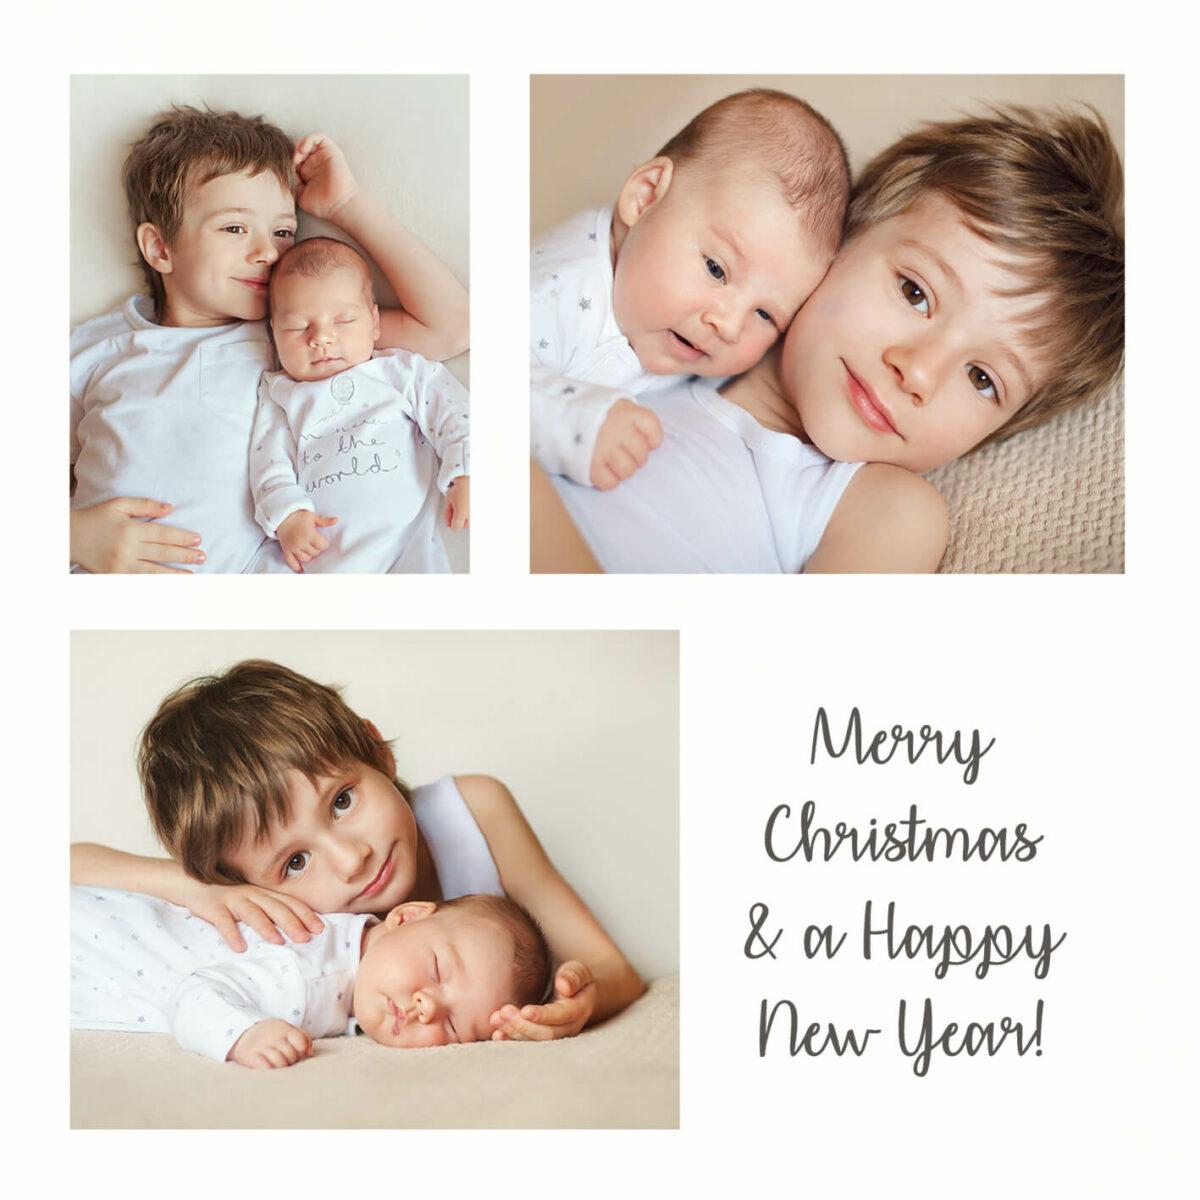 Vierkante Kerstkaart Foto Collage Gezin Familie Kinderen Kerstwens Wens